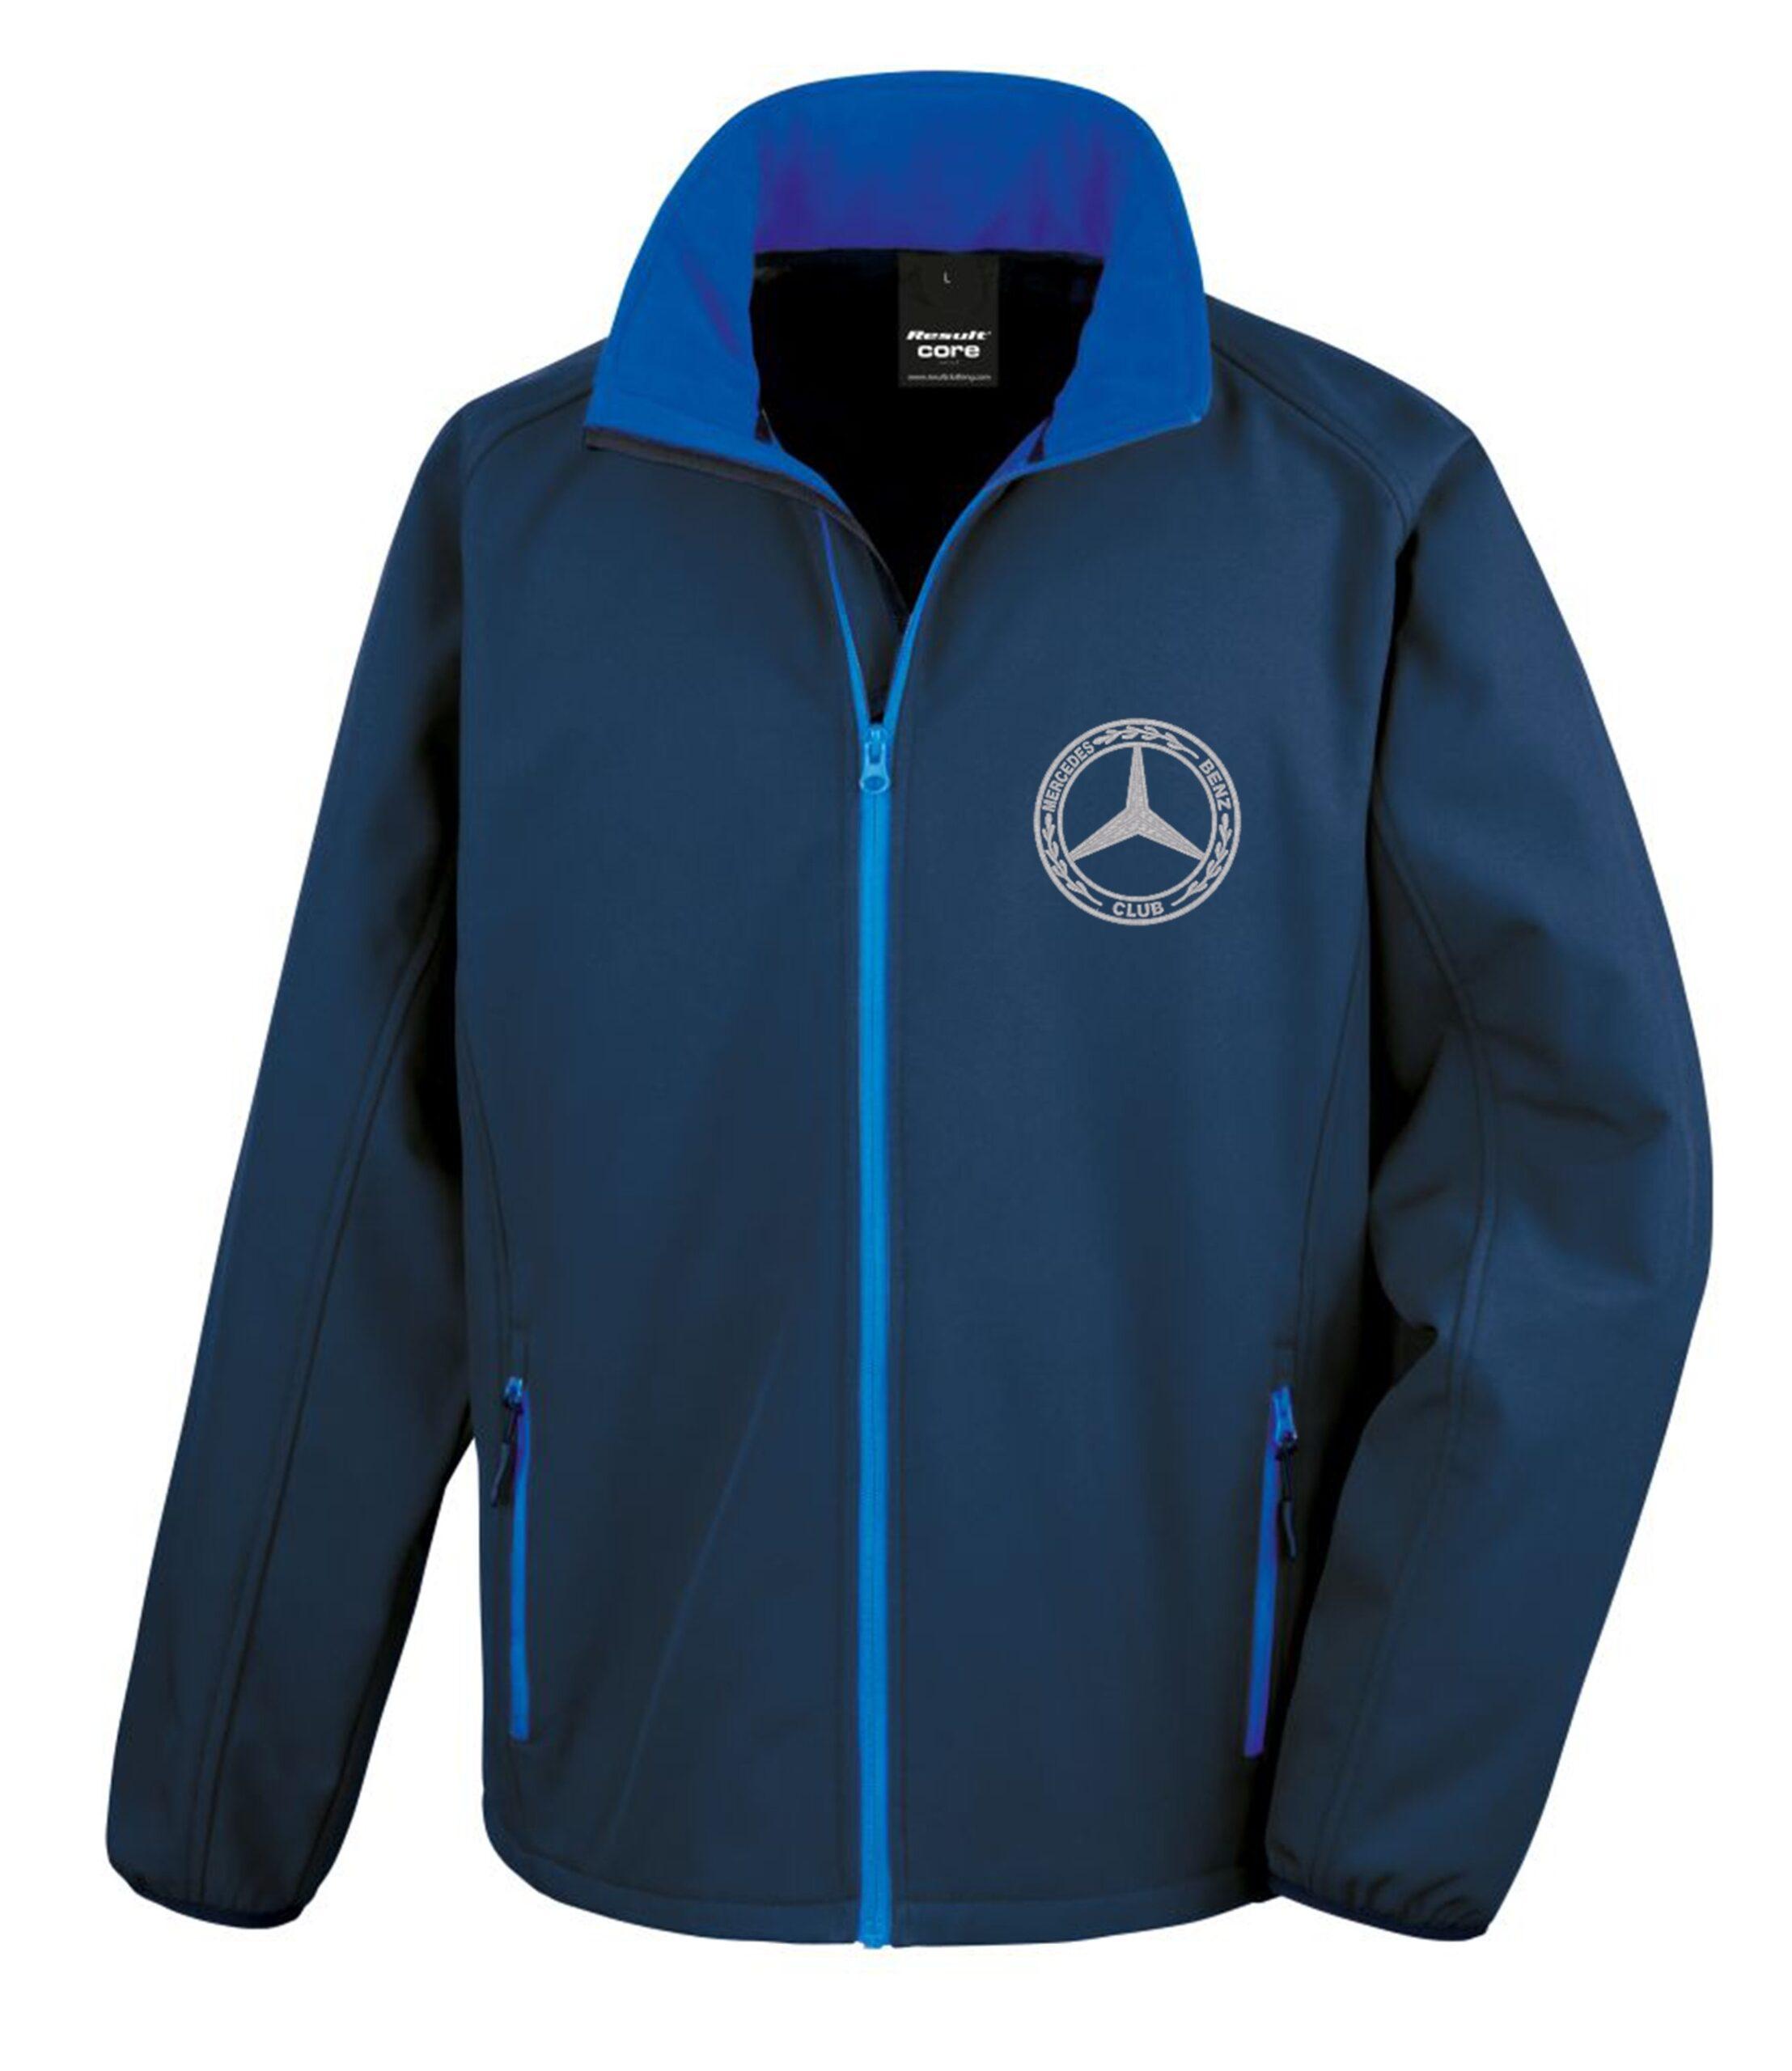 Mercedes-Benz Club Softshell Jacket Navy Royal